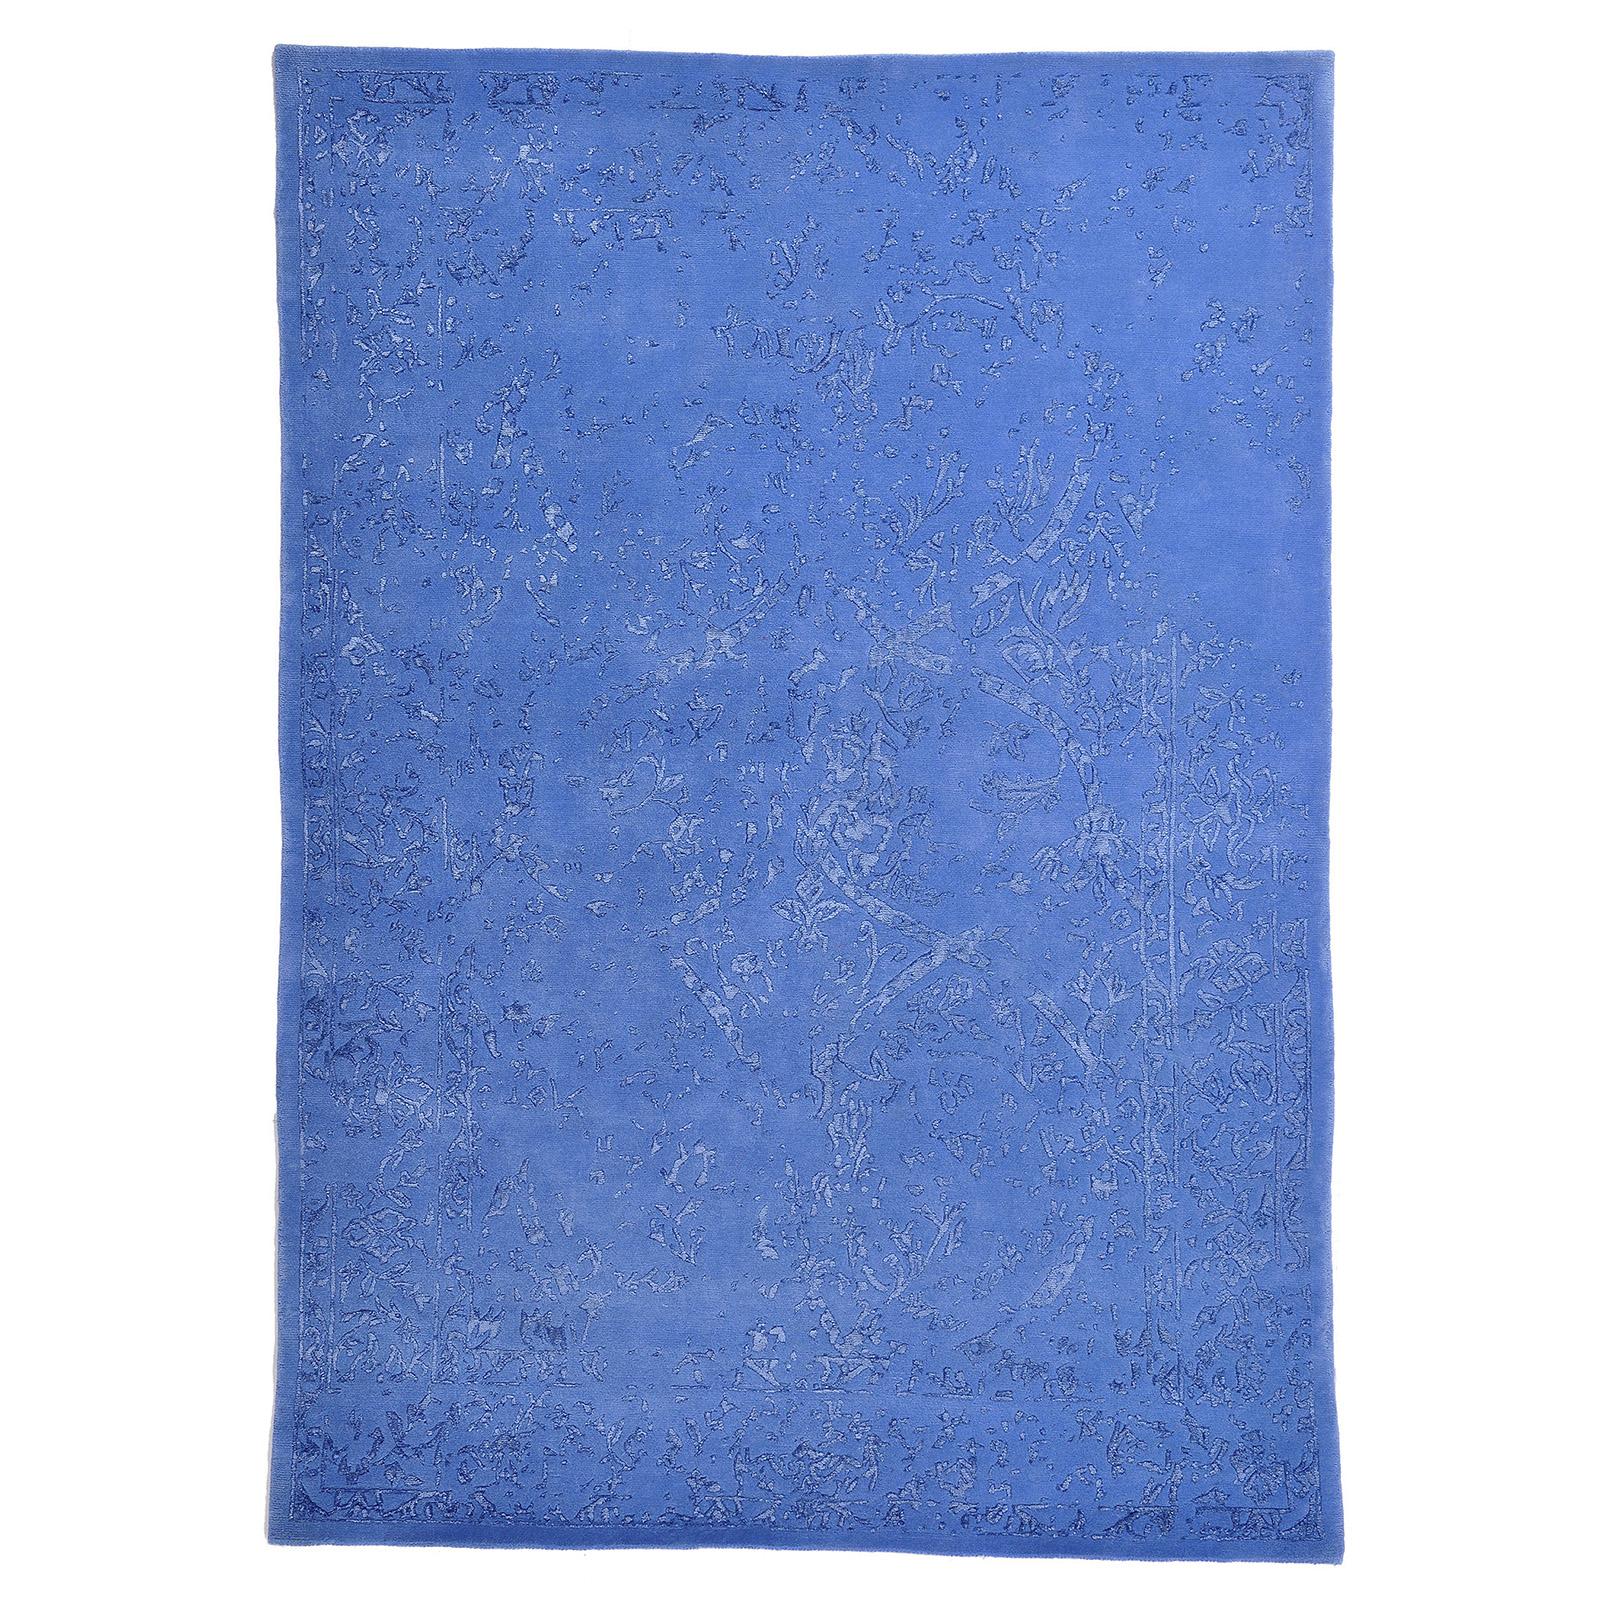 Damask (Stenros blå) matta storlek 240x170 cm